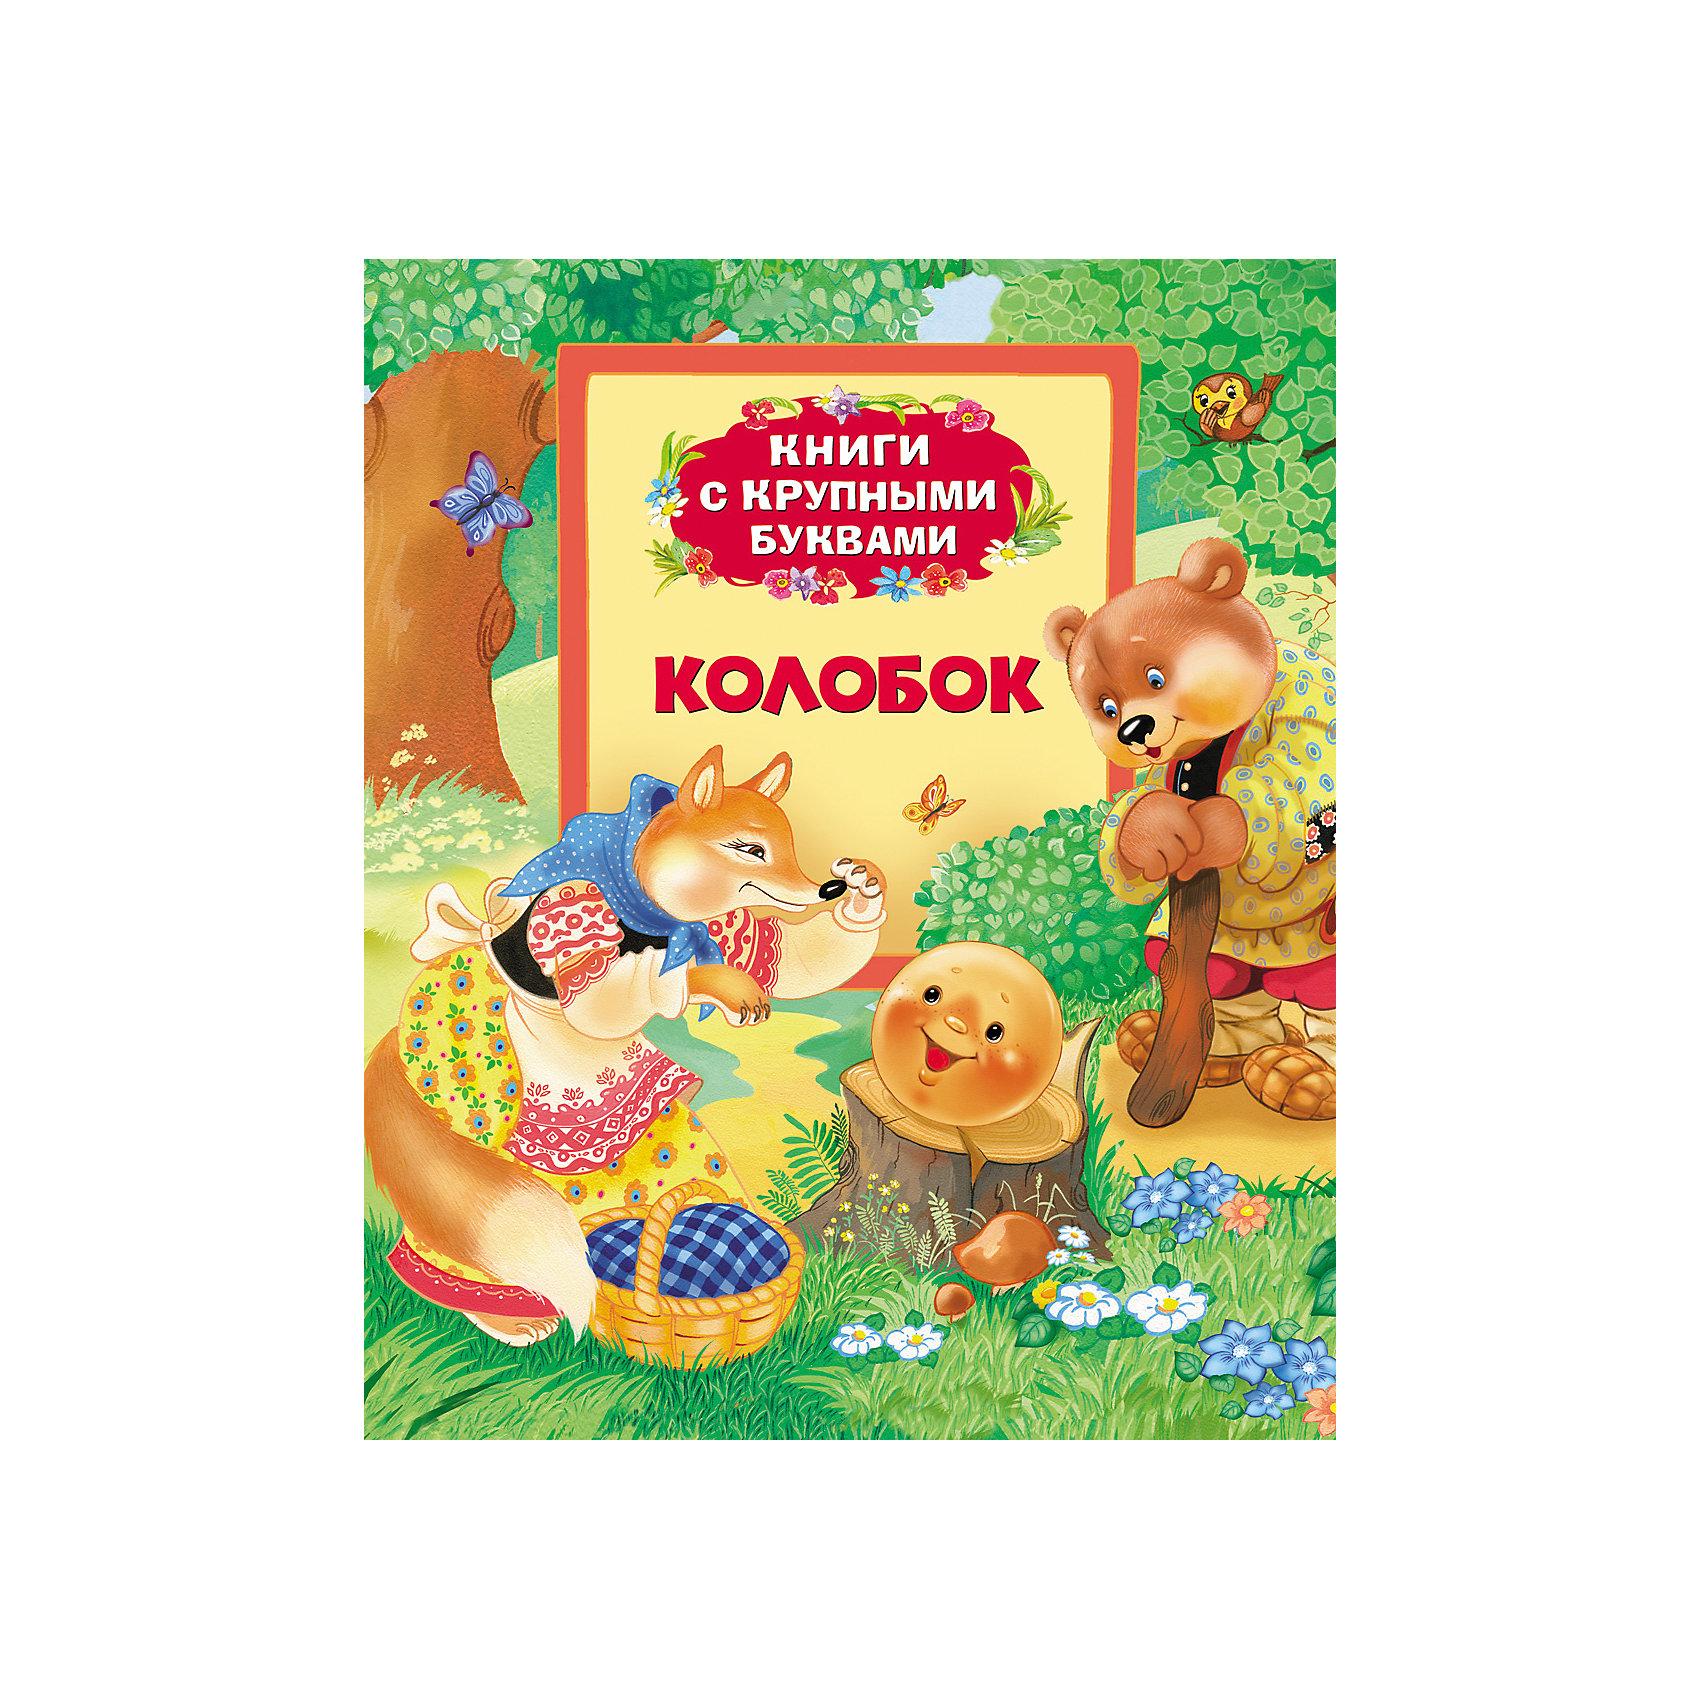 Книга с крупными буквами КолобокРосмэн<br>Книга с крупными буквами Колобок<br><br>Характеристики:<br><br>• Иллюстрации: цветные<br>• Переплет: твердый<br>• Год: 2013 г. <br>• Объем: 32 стр. <br>• Издательство: Росмэн<br><br>Книга незаменимый друг человека. Благодаря рассказам ребенок сможет познать мир, не выходя из комнаты. Кроме этого правильно подобранные книги учат ребенка хорошим манерам, правилам поведения и многому другому. Данную книгу подготовили опытные педагоги и психологи, сделав ее простой и понятной для ребенка. Крупные буквы и достаточно понятный сюжет помогут ребенку прочитать известные русские сказки самостоятельно, и возможно они станут первыми самостоятельно прочитанными произведениями. В книгу вошли сказки: «Колобок», «Лиса и кот», «Курочка ряба». Яркие красочные иллюстрации смогут завлечь ребенка и дополнить истории. <br><br>Книга с крупными буквами Колобок можно купить в нашем интернет-магазине.<br><br>Ширина мм: 240<br>Глубина мм: 205<br>Высота мм: 8<br>Вес г: 280<br>Возраст от месяцев: 36<br>Возраст до месяцев: 84<br>Пол: Унисекс<br>Возраст: Детский<br>SKU: 3633660